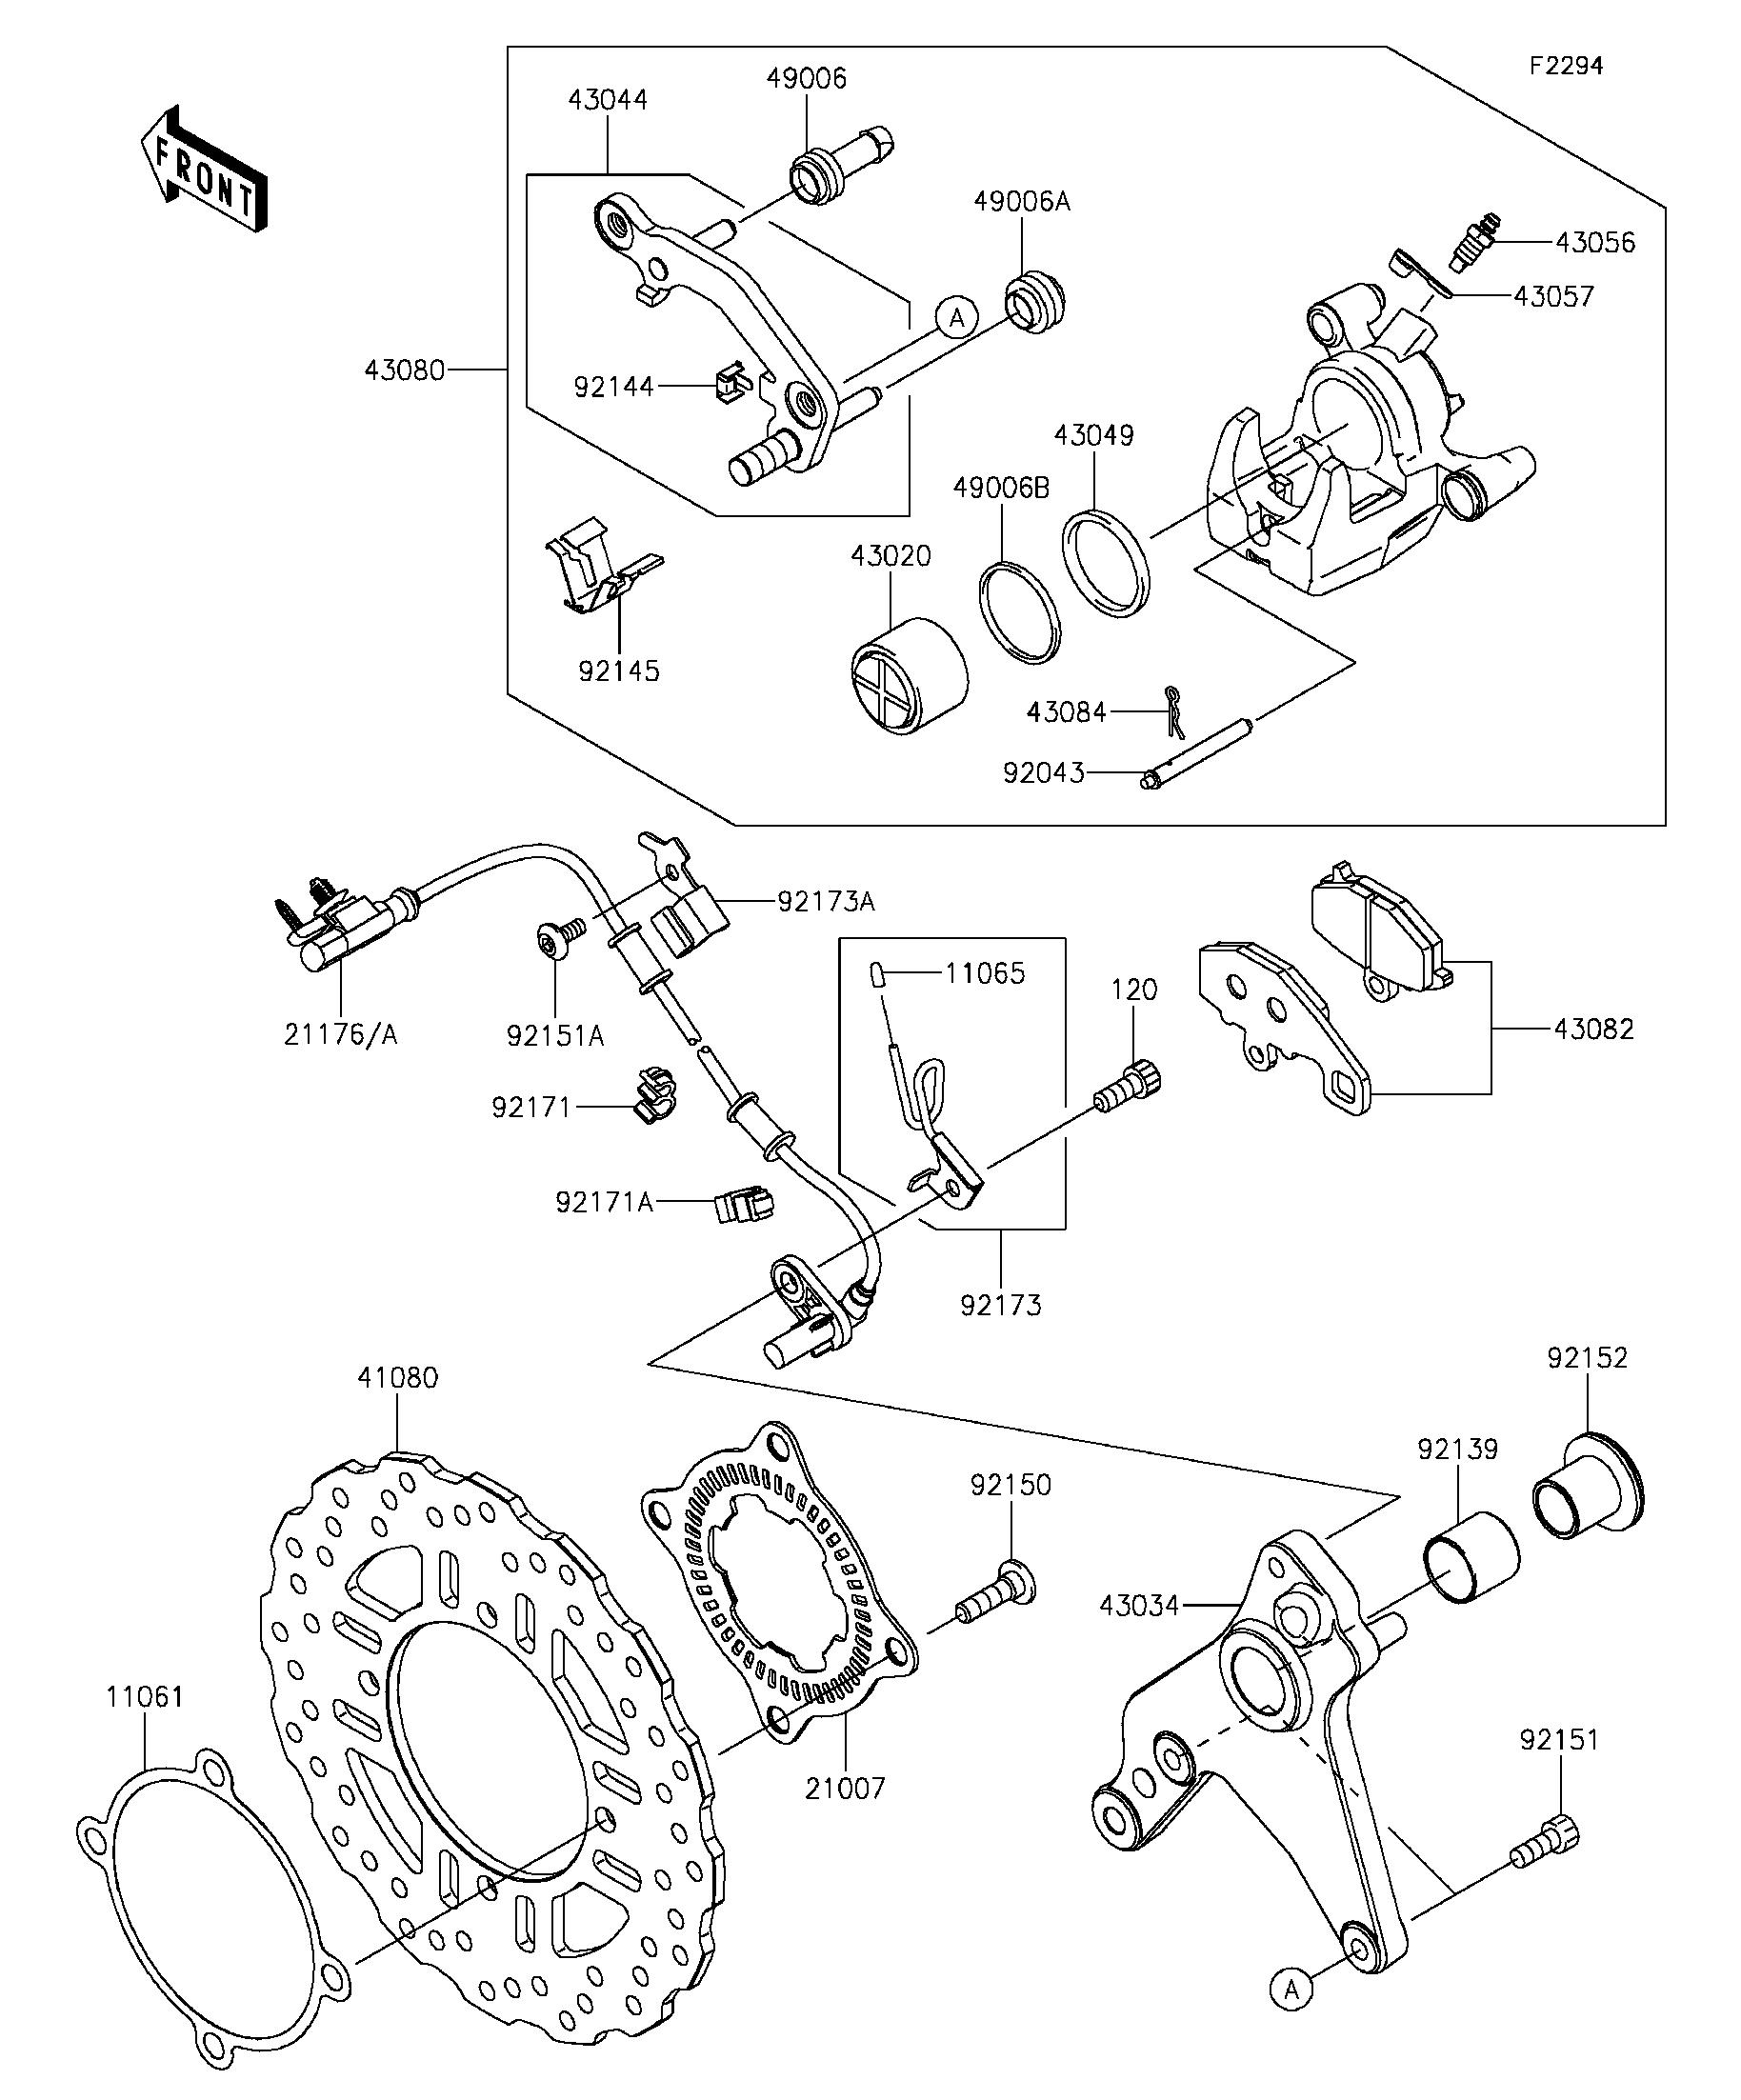 Genuine Kawasaki Parts For Road Bikes Cradley Bicycle Brake Diagram